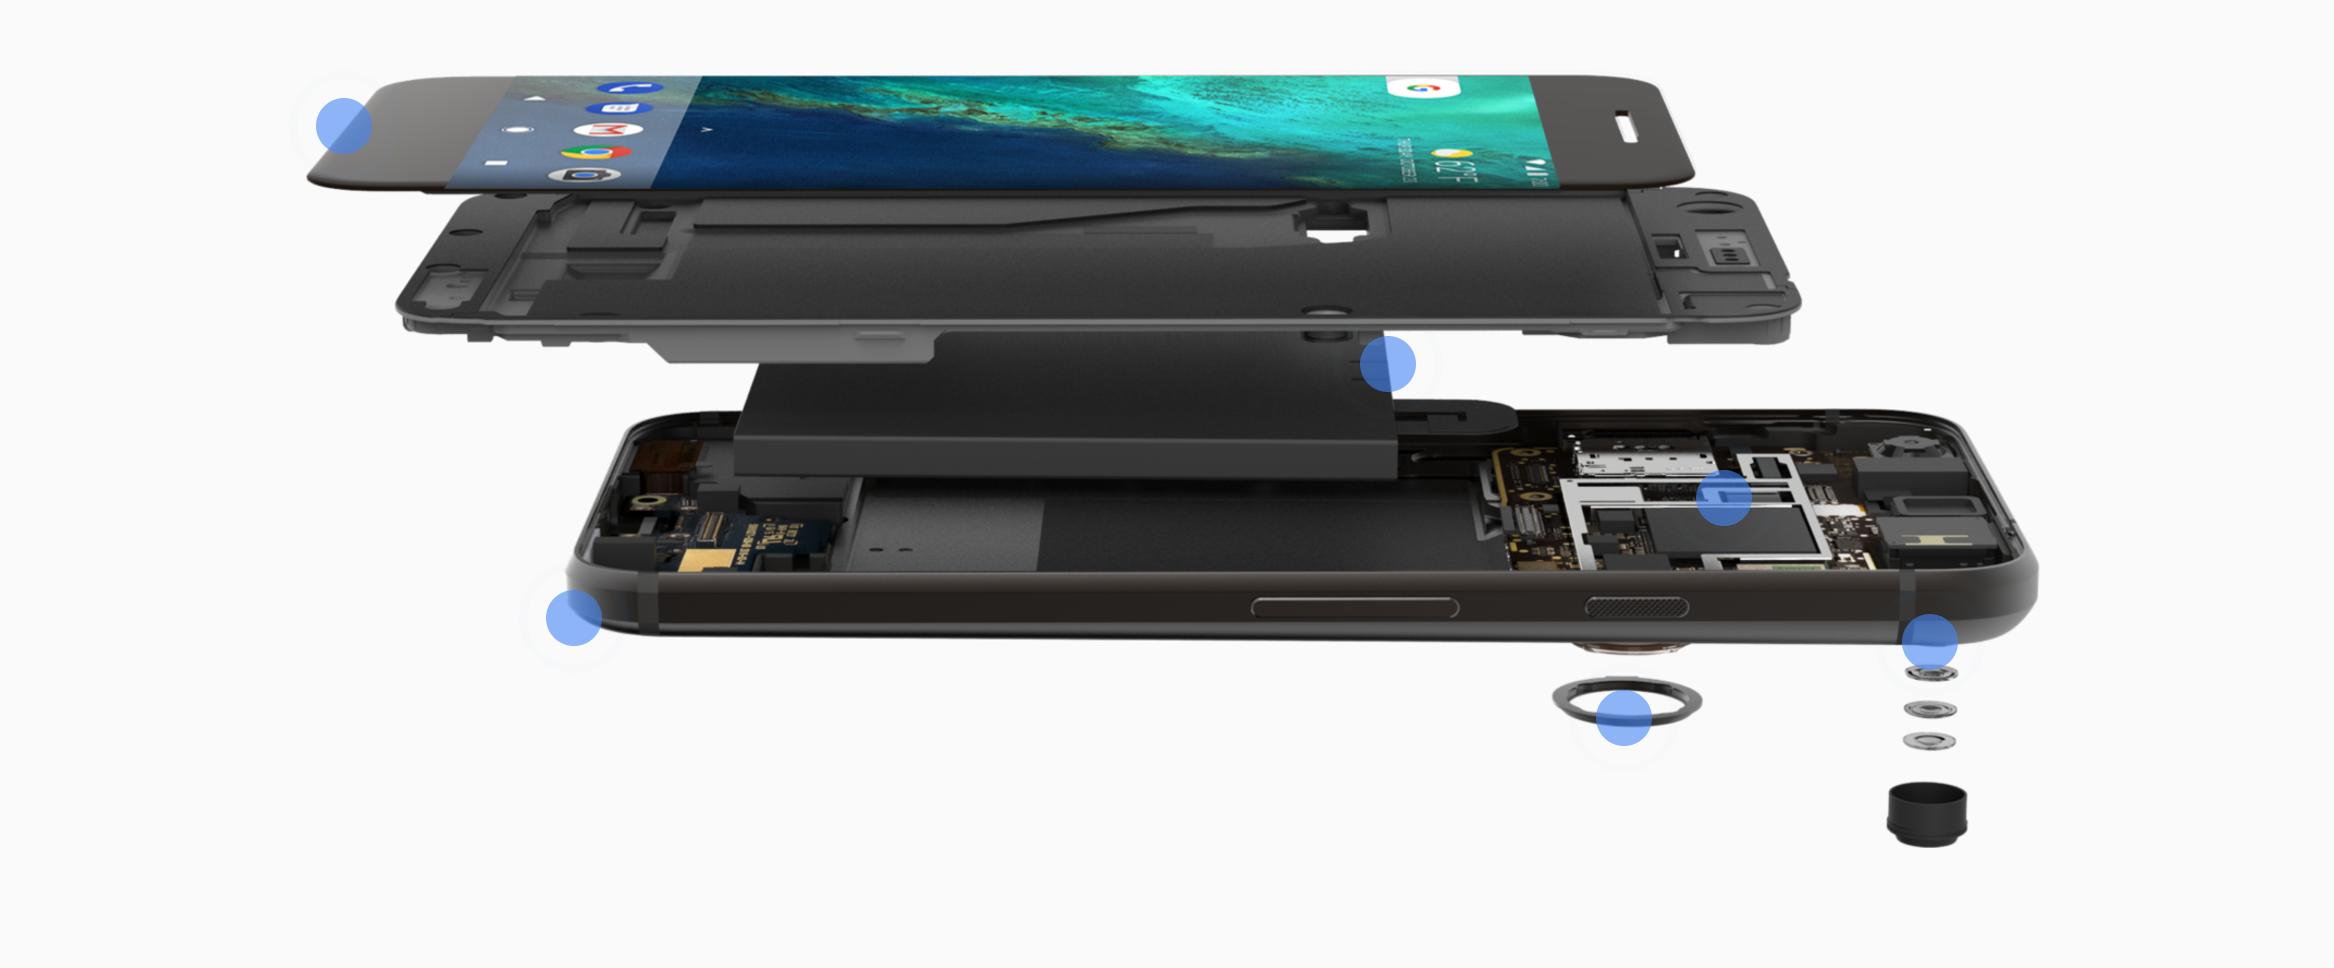 غوغل تستعين بأحد مُهندسي آبل لتطوير شرائح الجيل الجديد من هواتف بيكسل